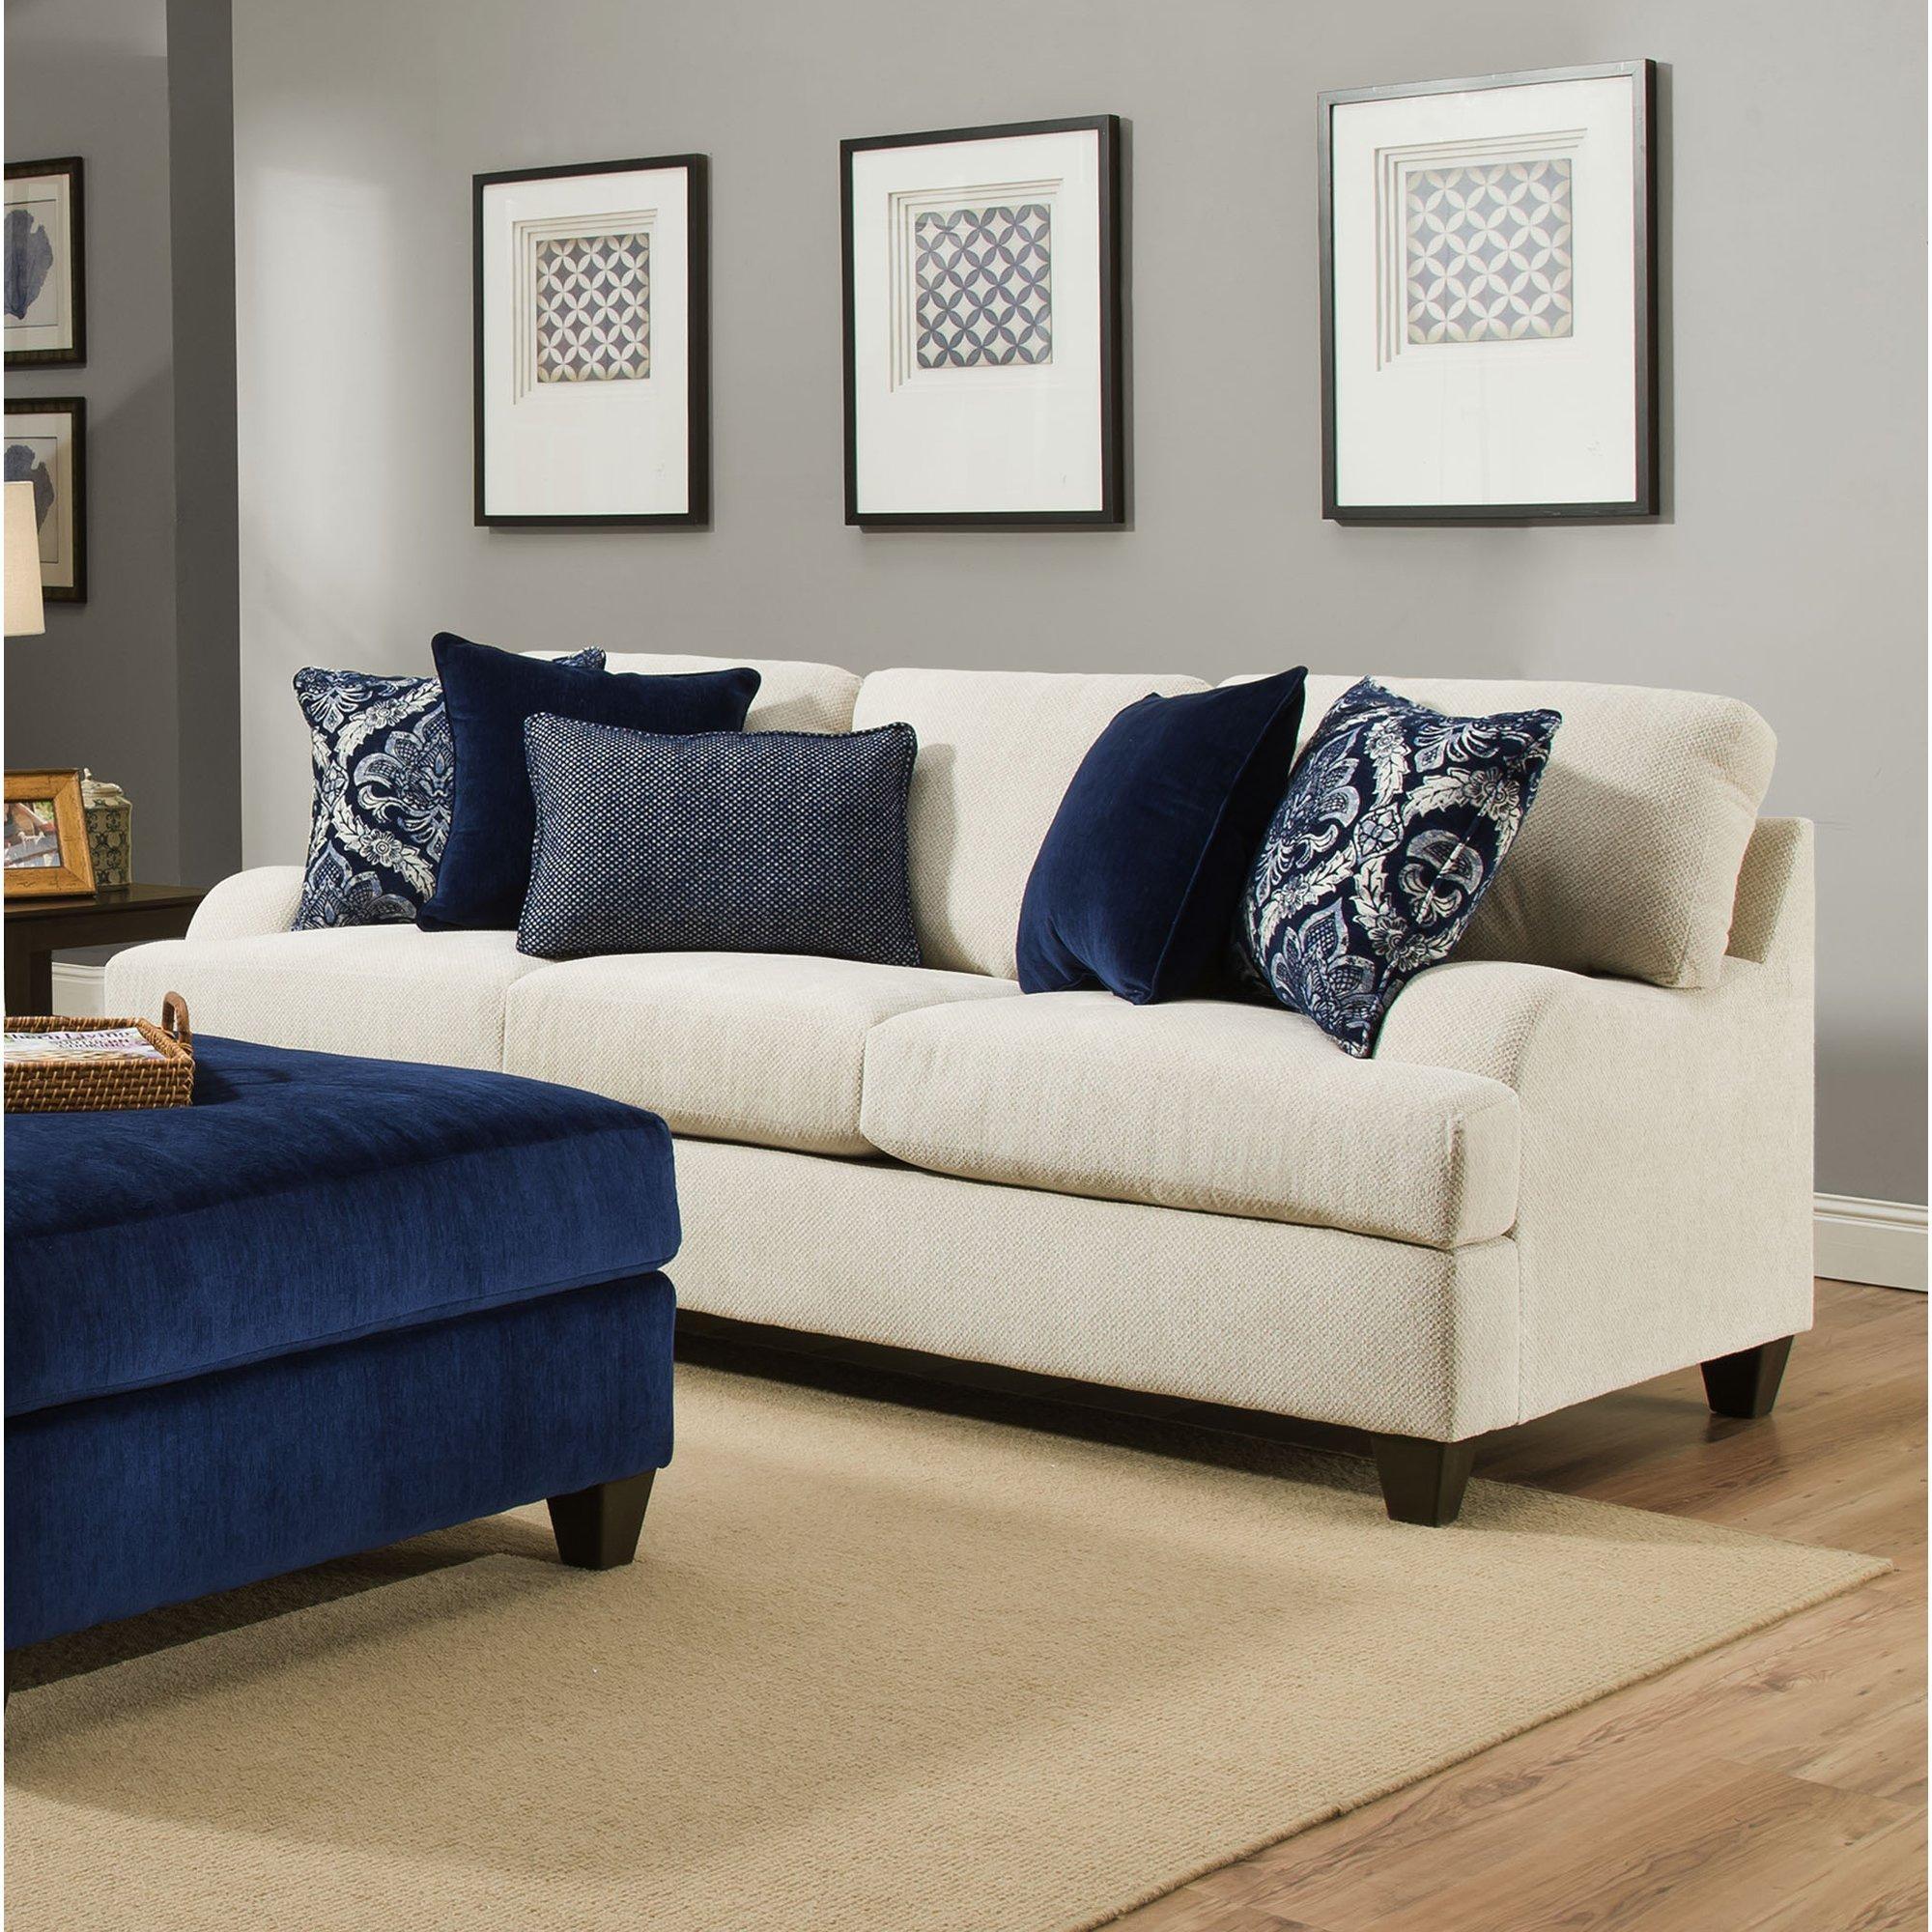 Queen Sleeper Sofa B Home Design | Goxbo for Commercial Sofas